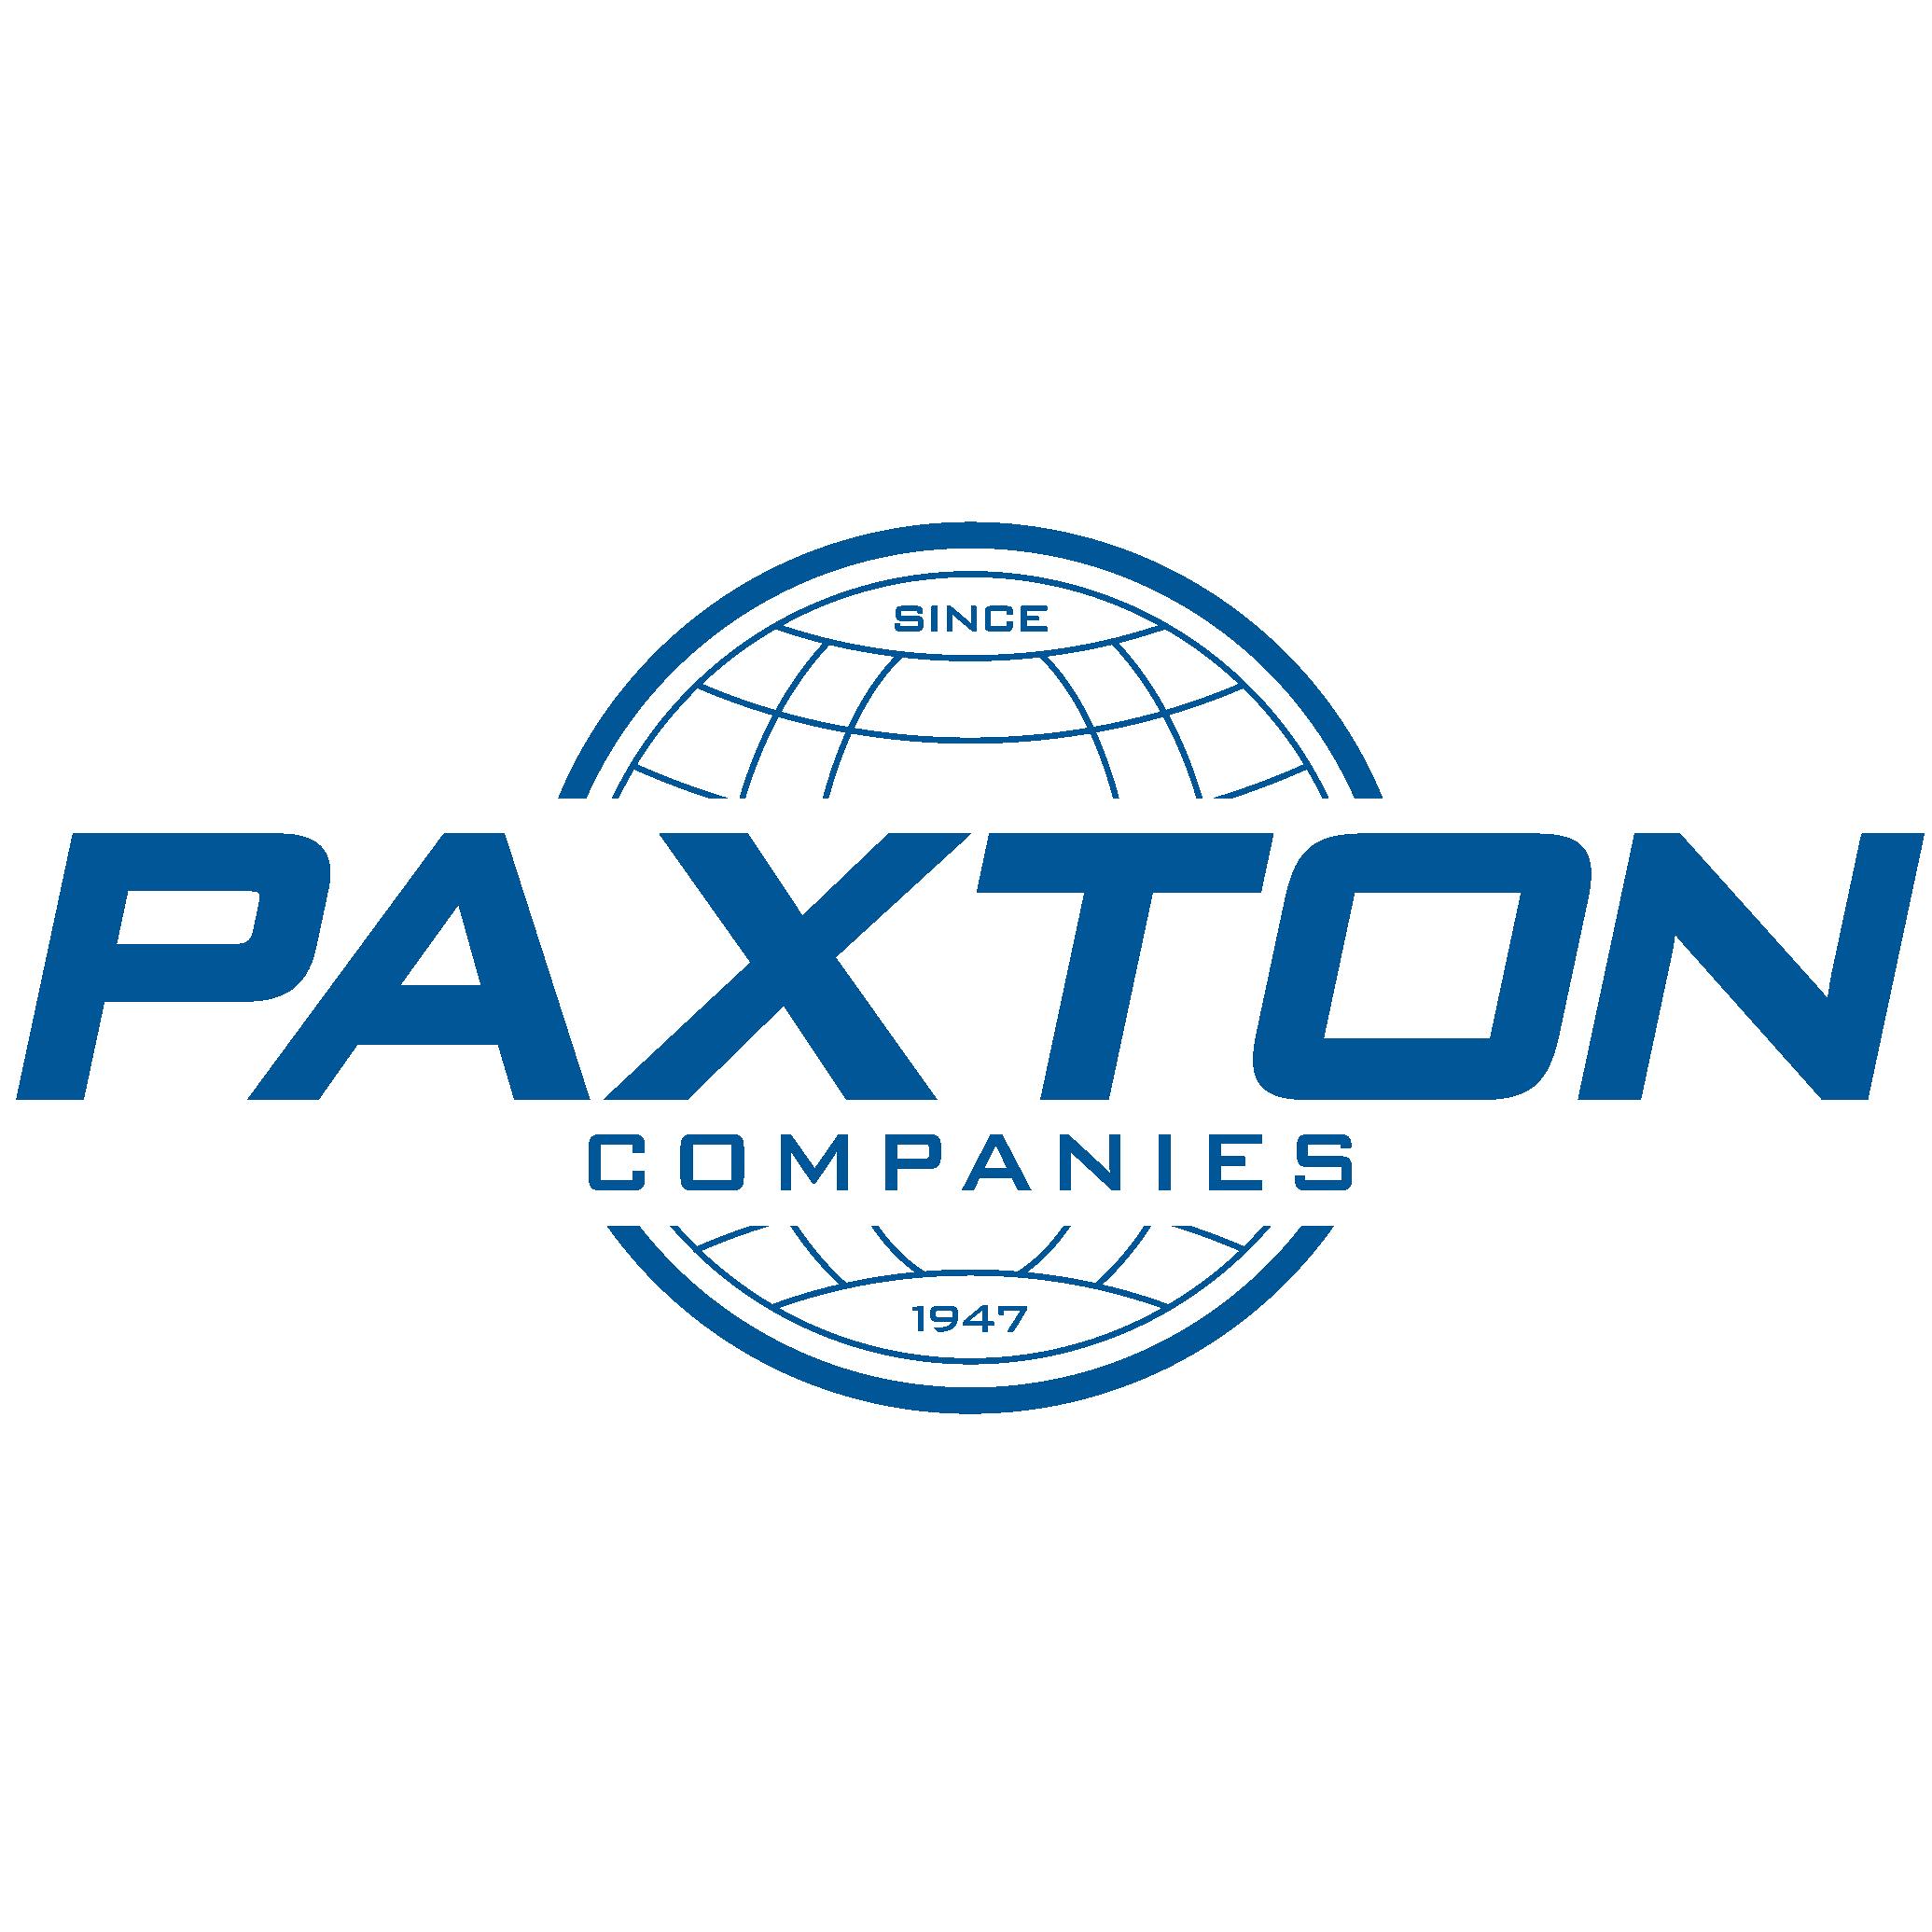 Paxton Van Lines, Inc.